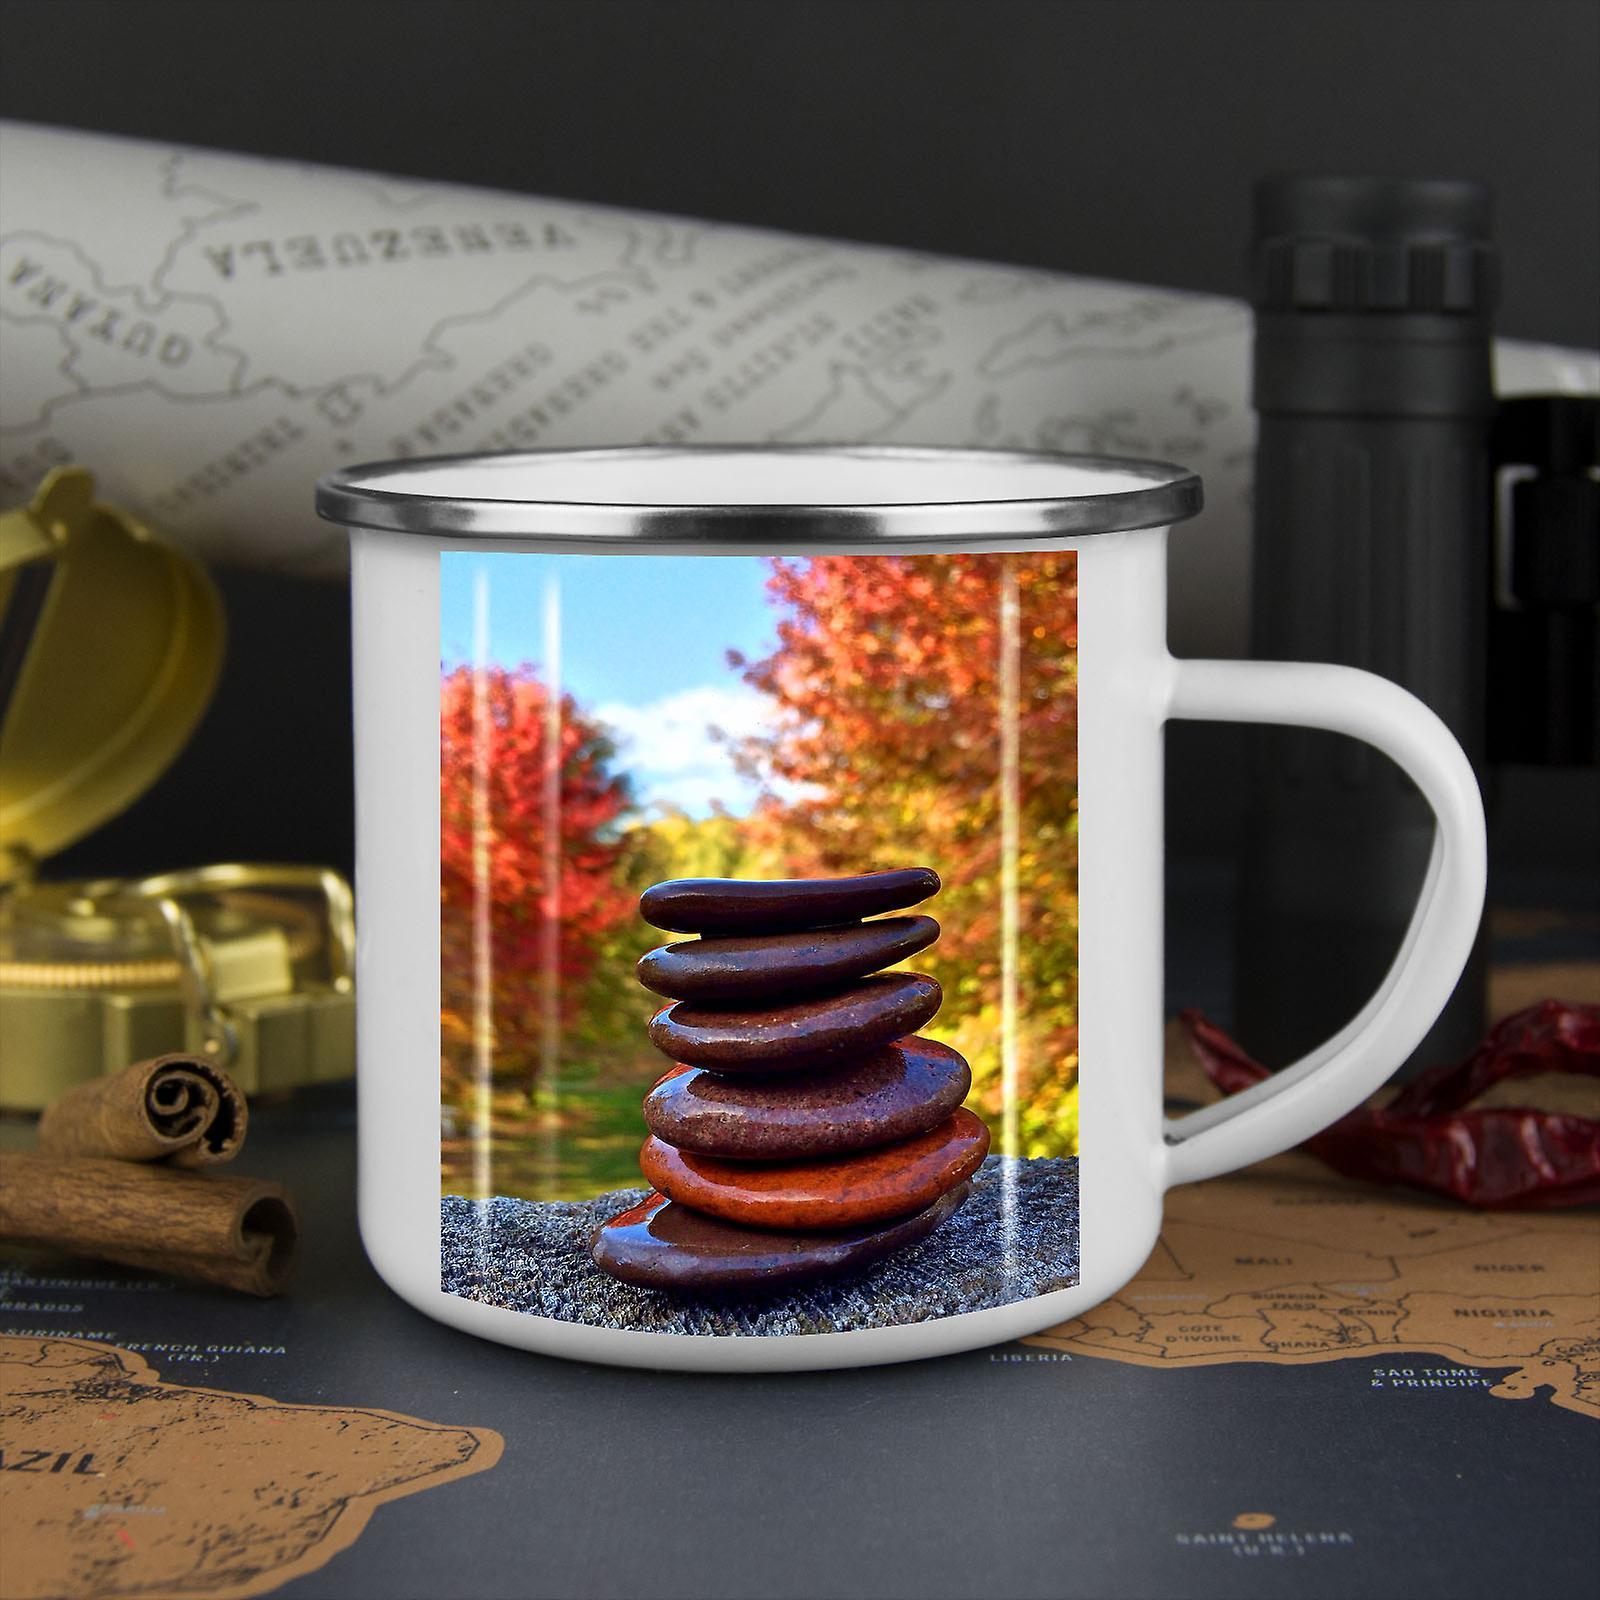 Zen-Ruhe Wald neue WhiteTea Kaffee Emaille Mug10 oz | Wellcoda